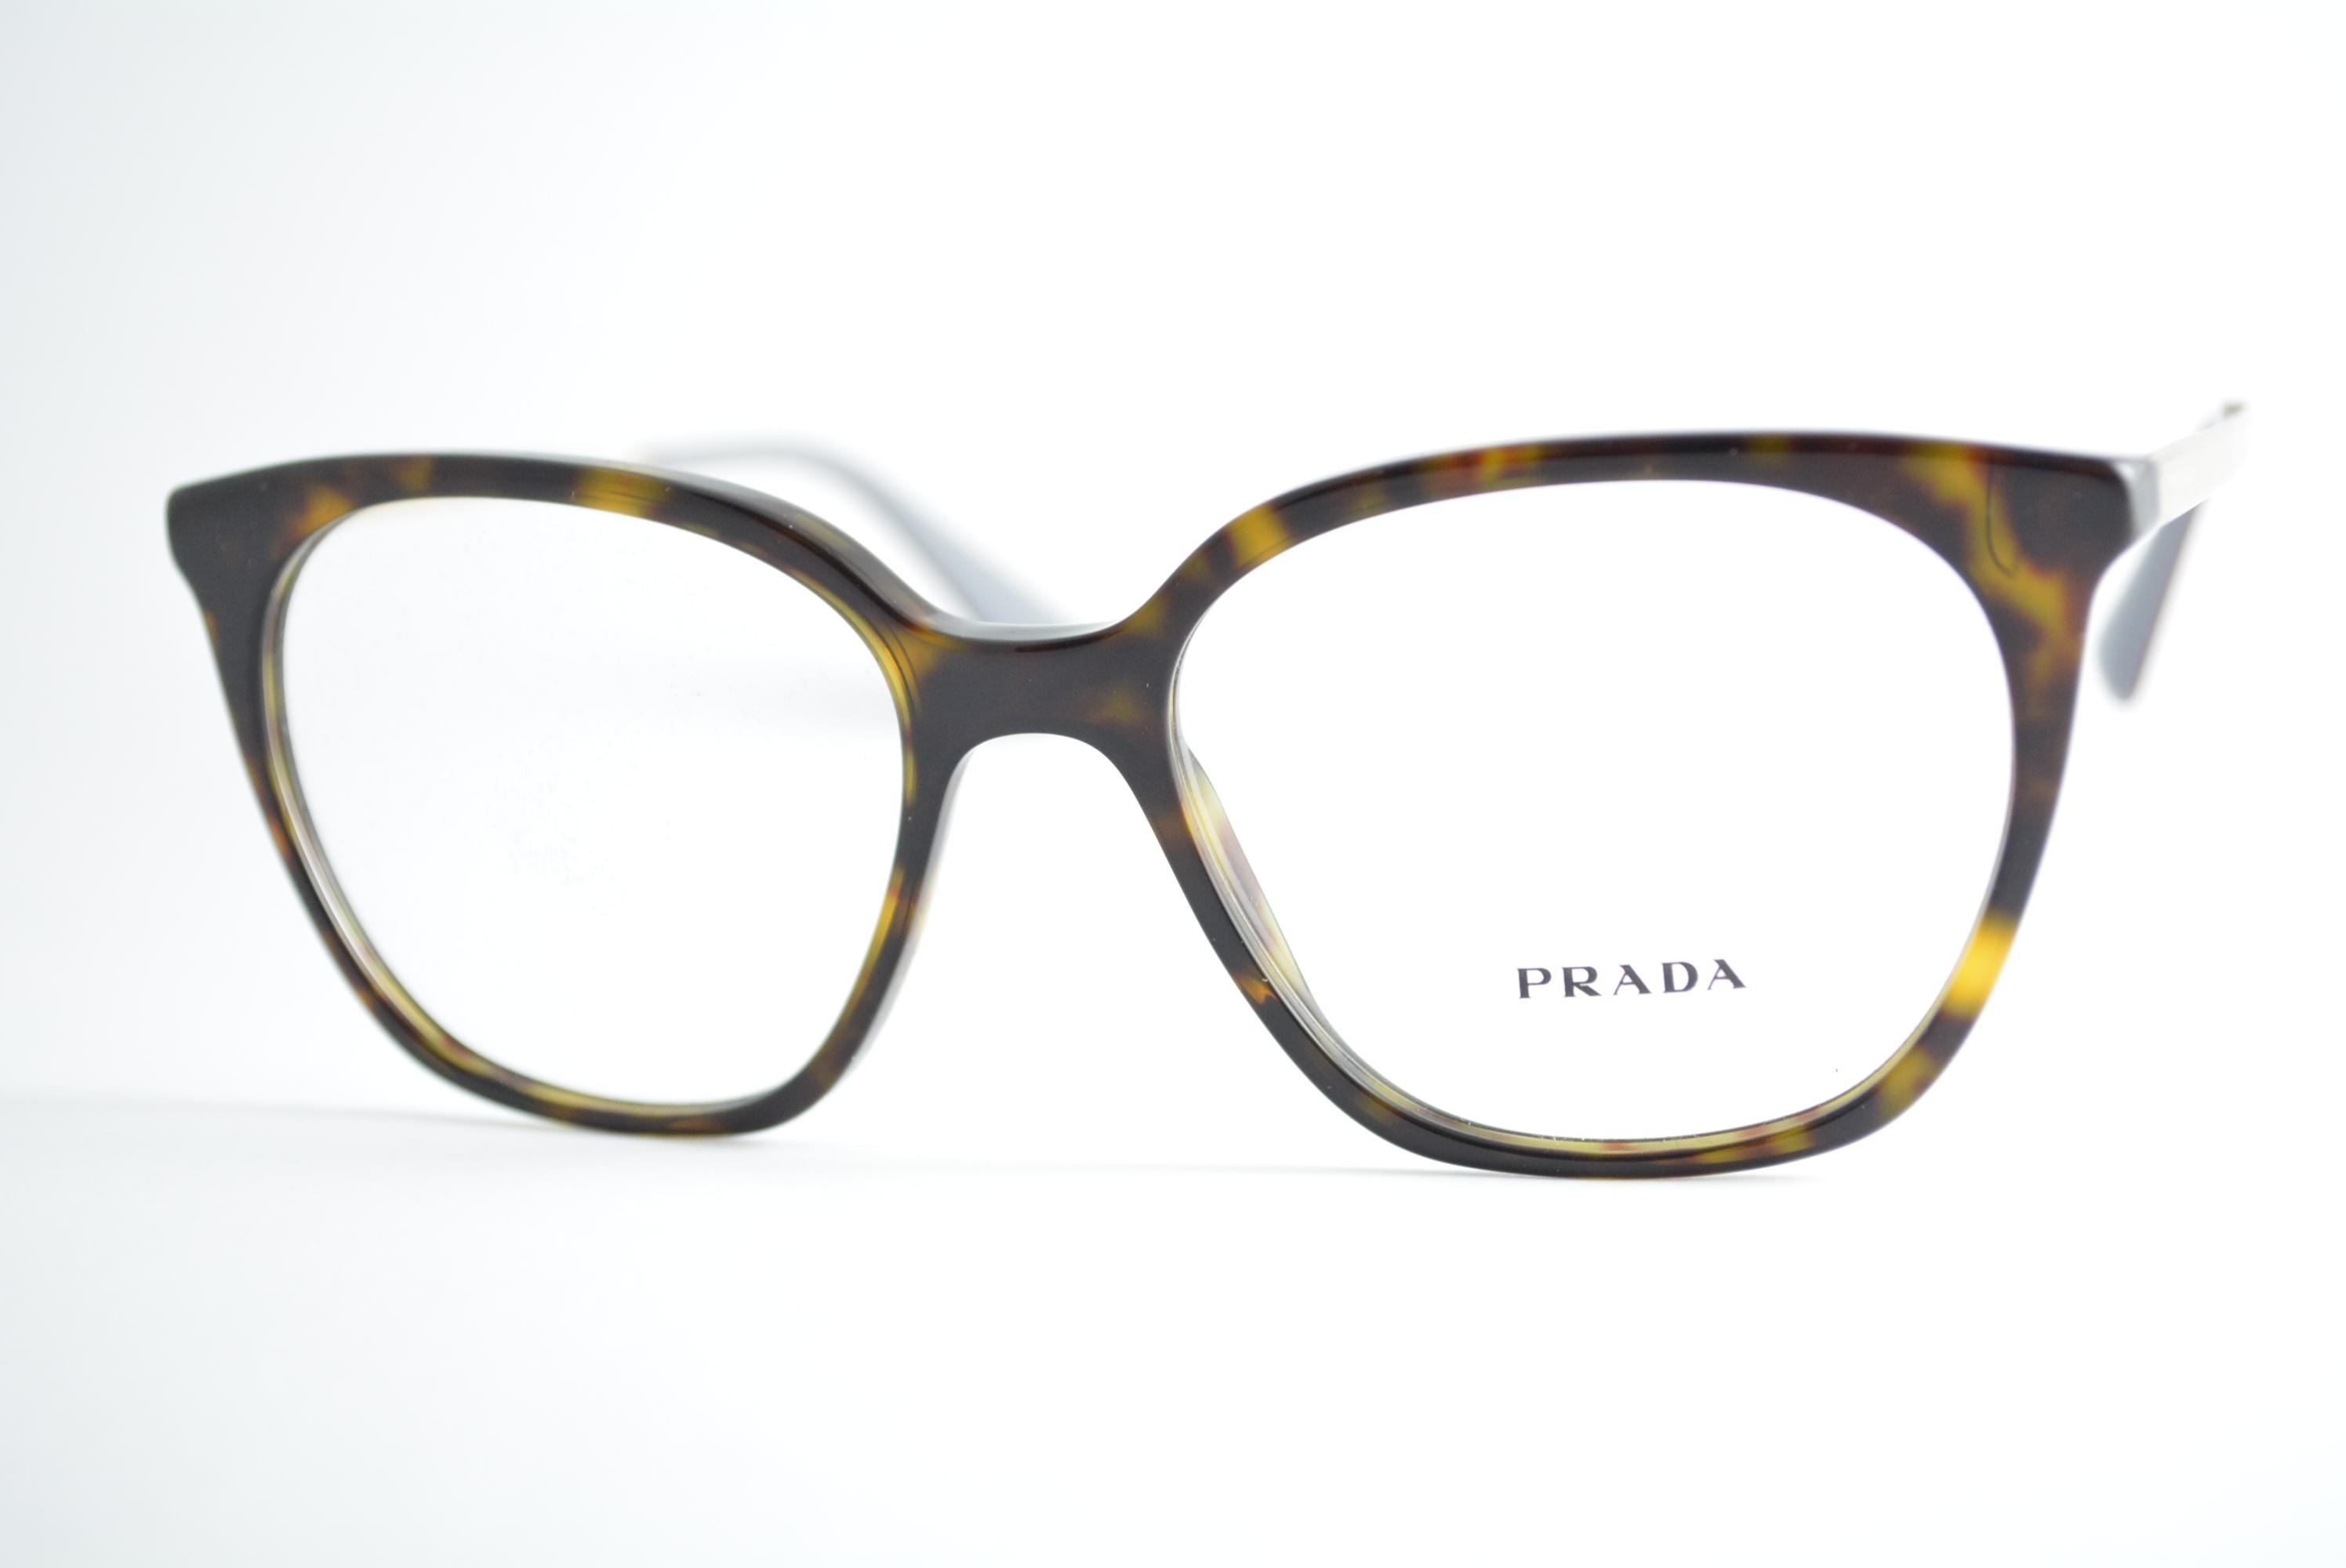 7702861d7 armação de óculos Prada mod vpr11T 2AU-1O1 Ótica Cardoso